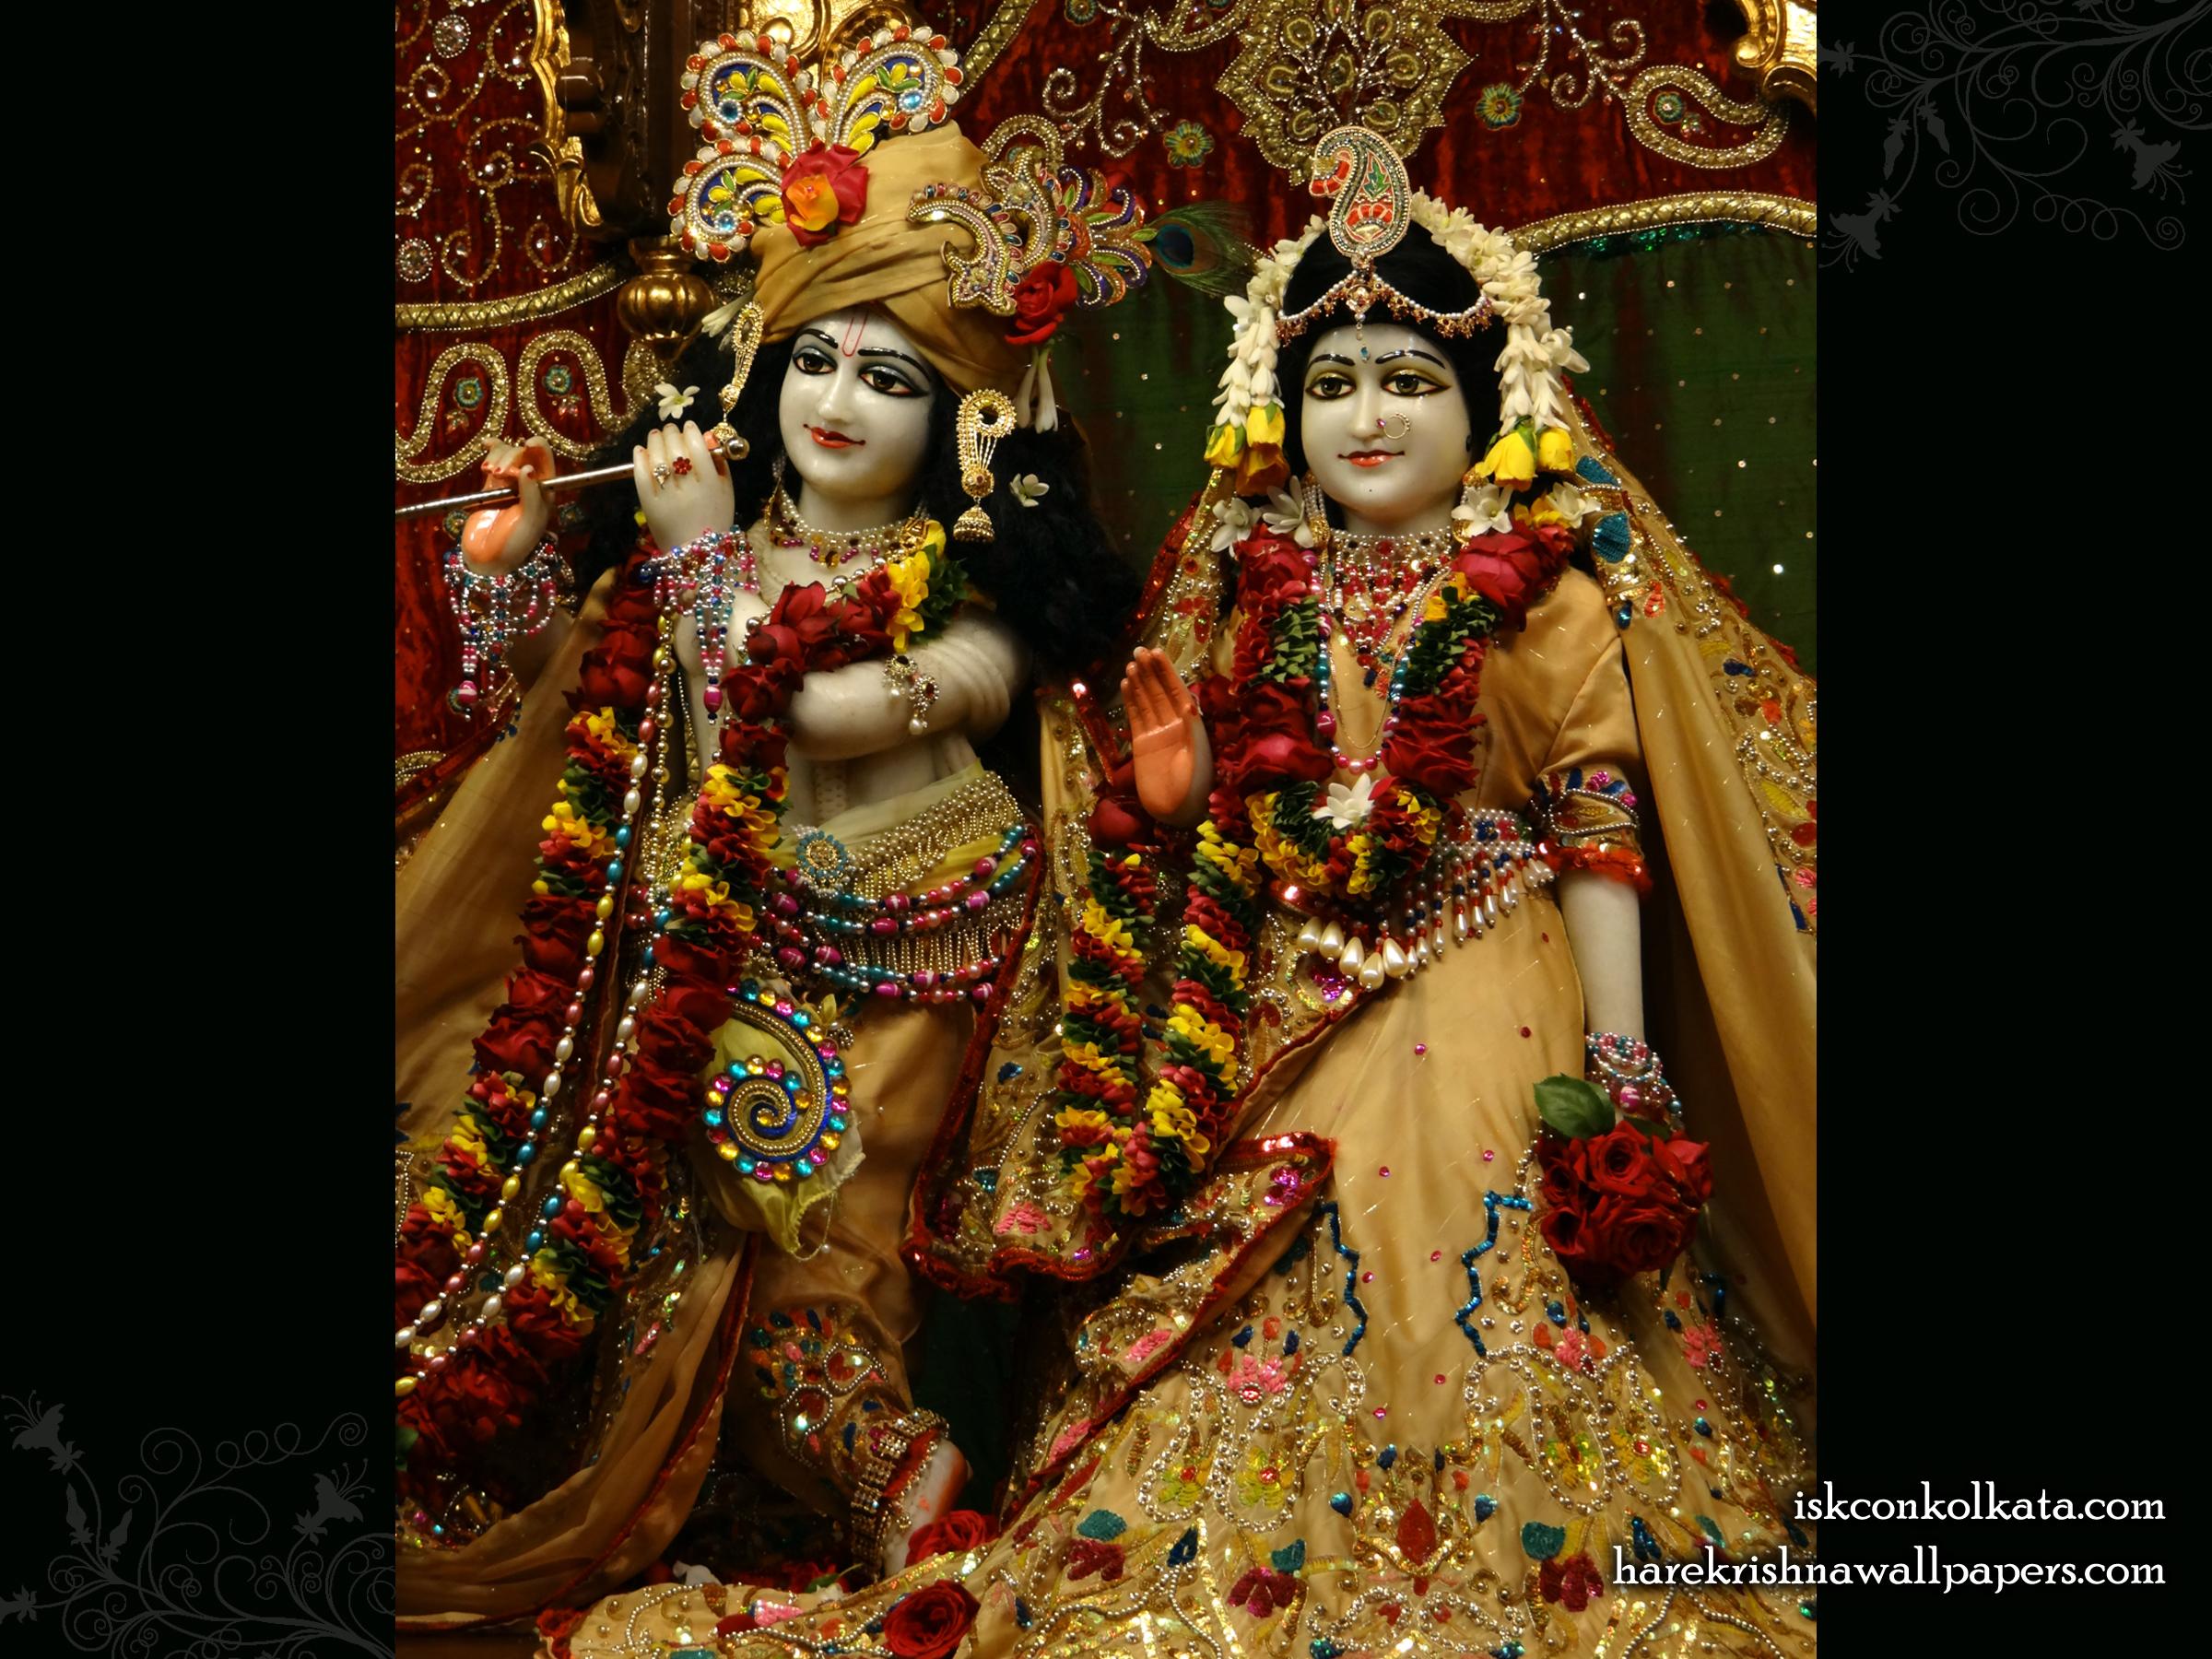 Sri Sri Radha Govinda Wallpaper (004) Size 2400x1800 Download